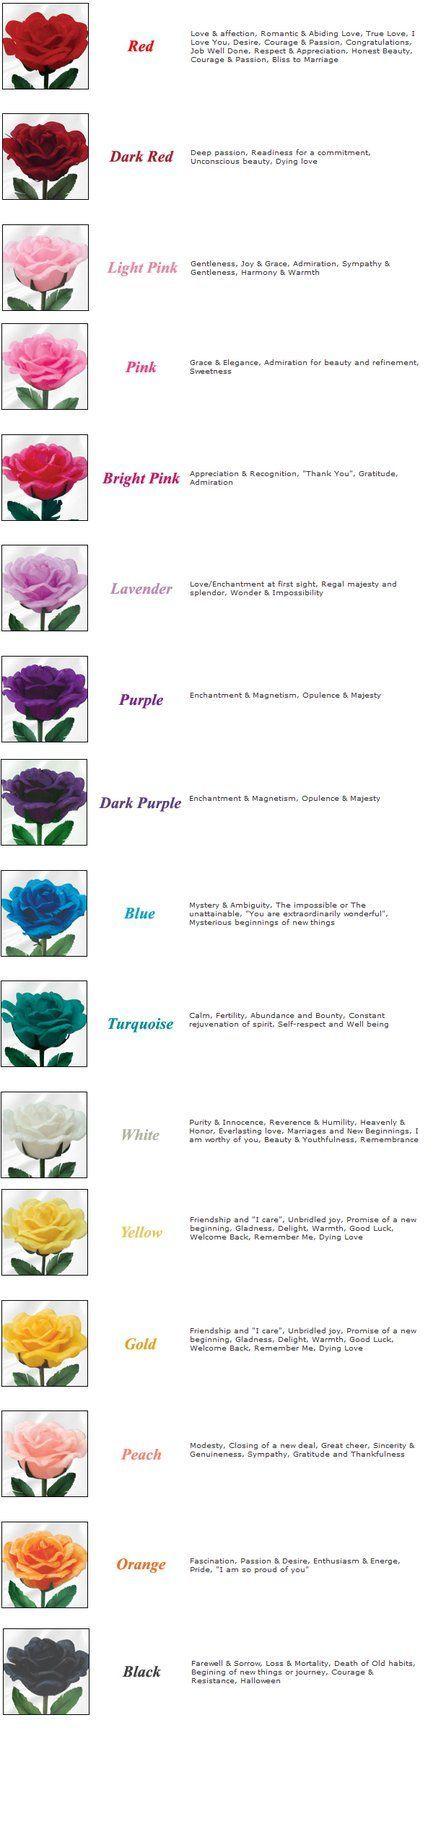 Rose Color Meanings by kawaii-panda-aru524 on deviantART: